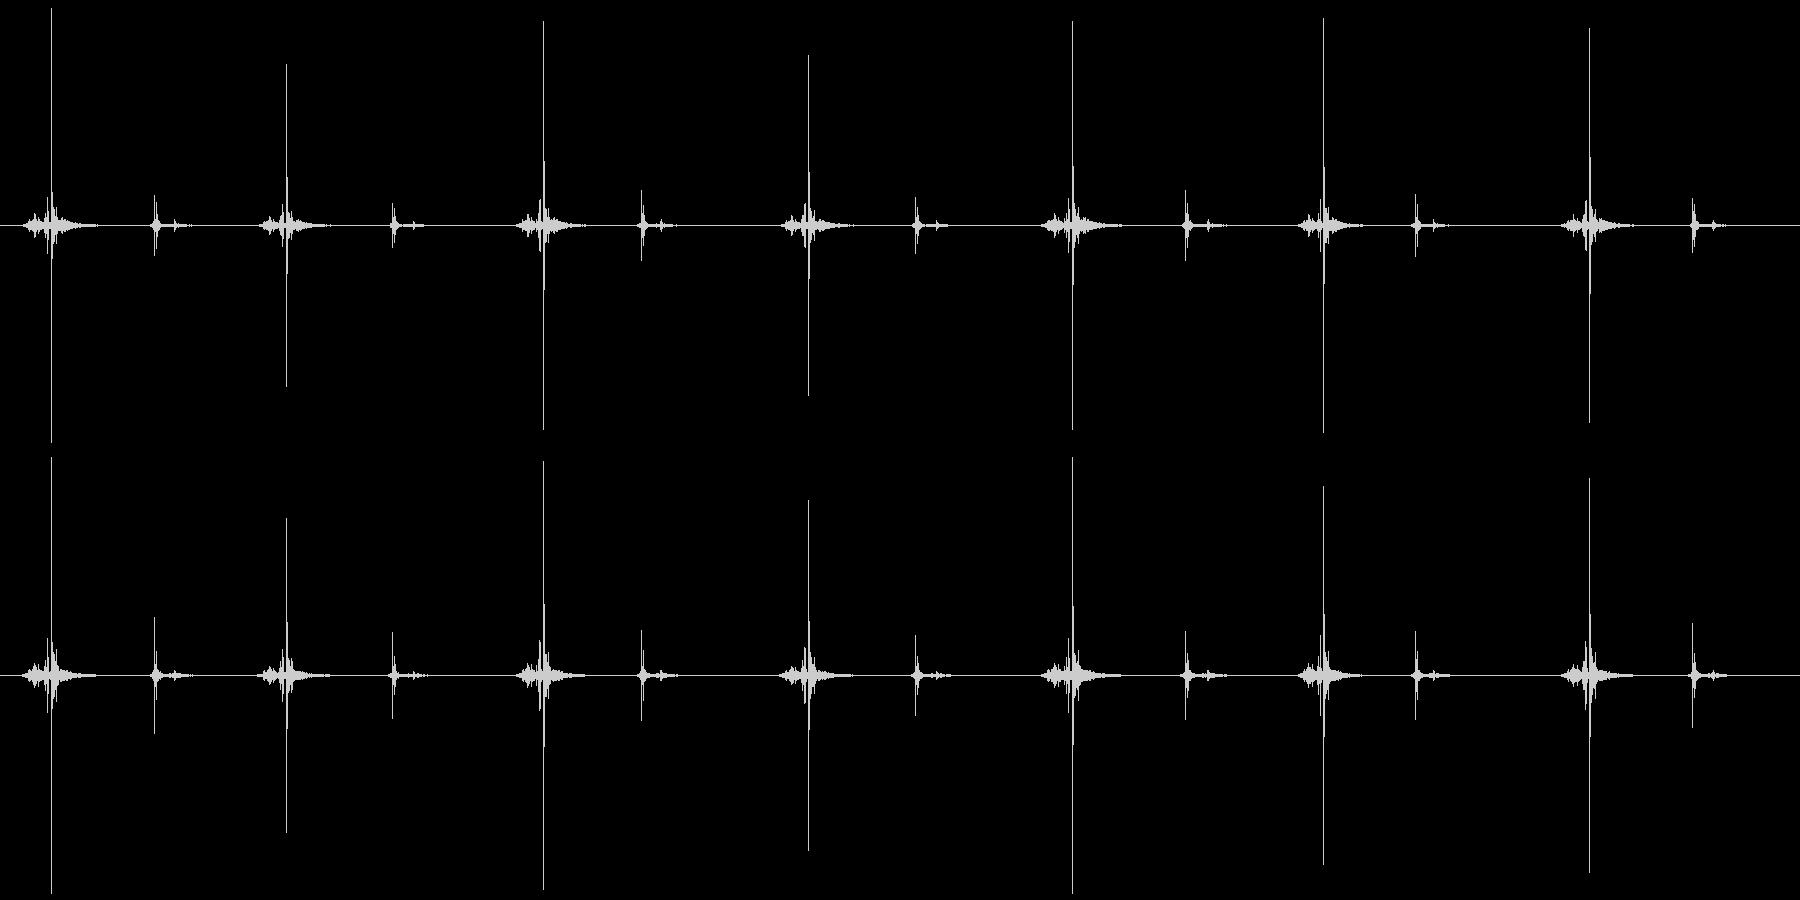 ハサミ 連続切り (チョキ×7 )の未再生の波形